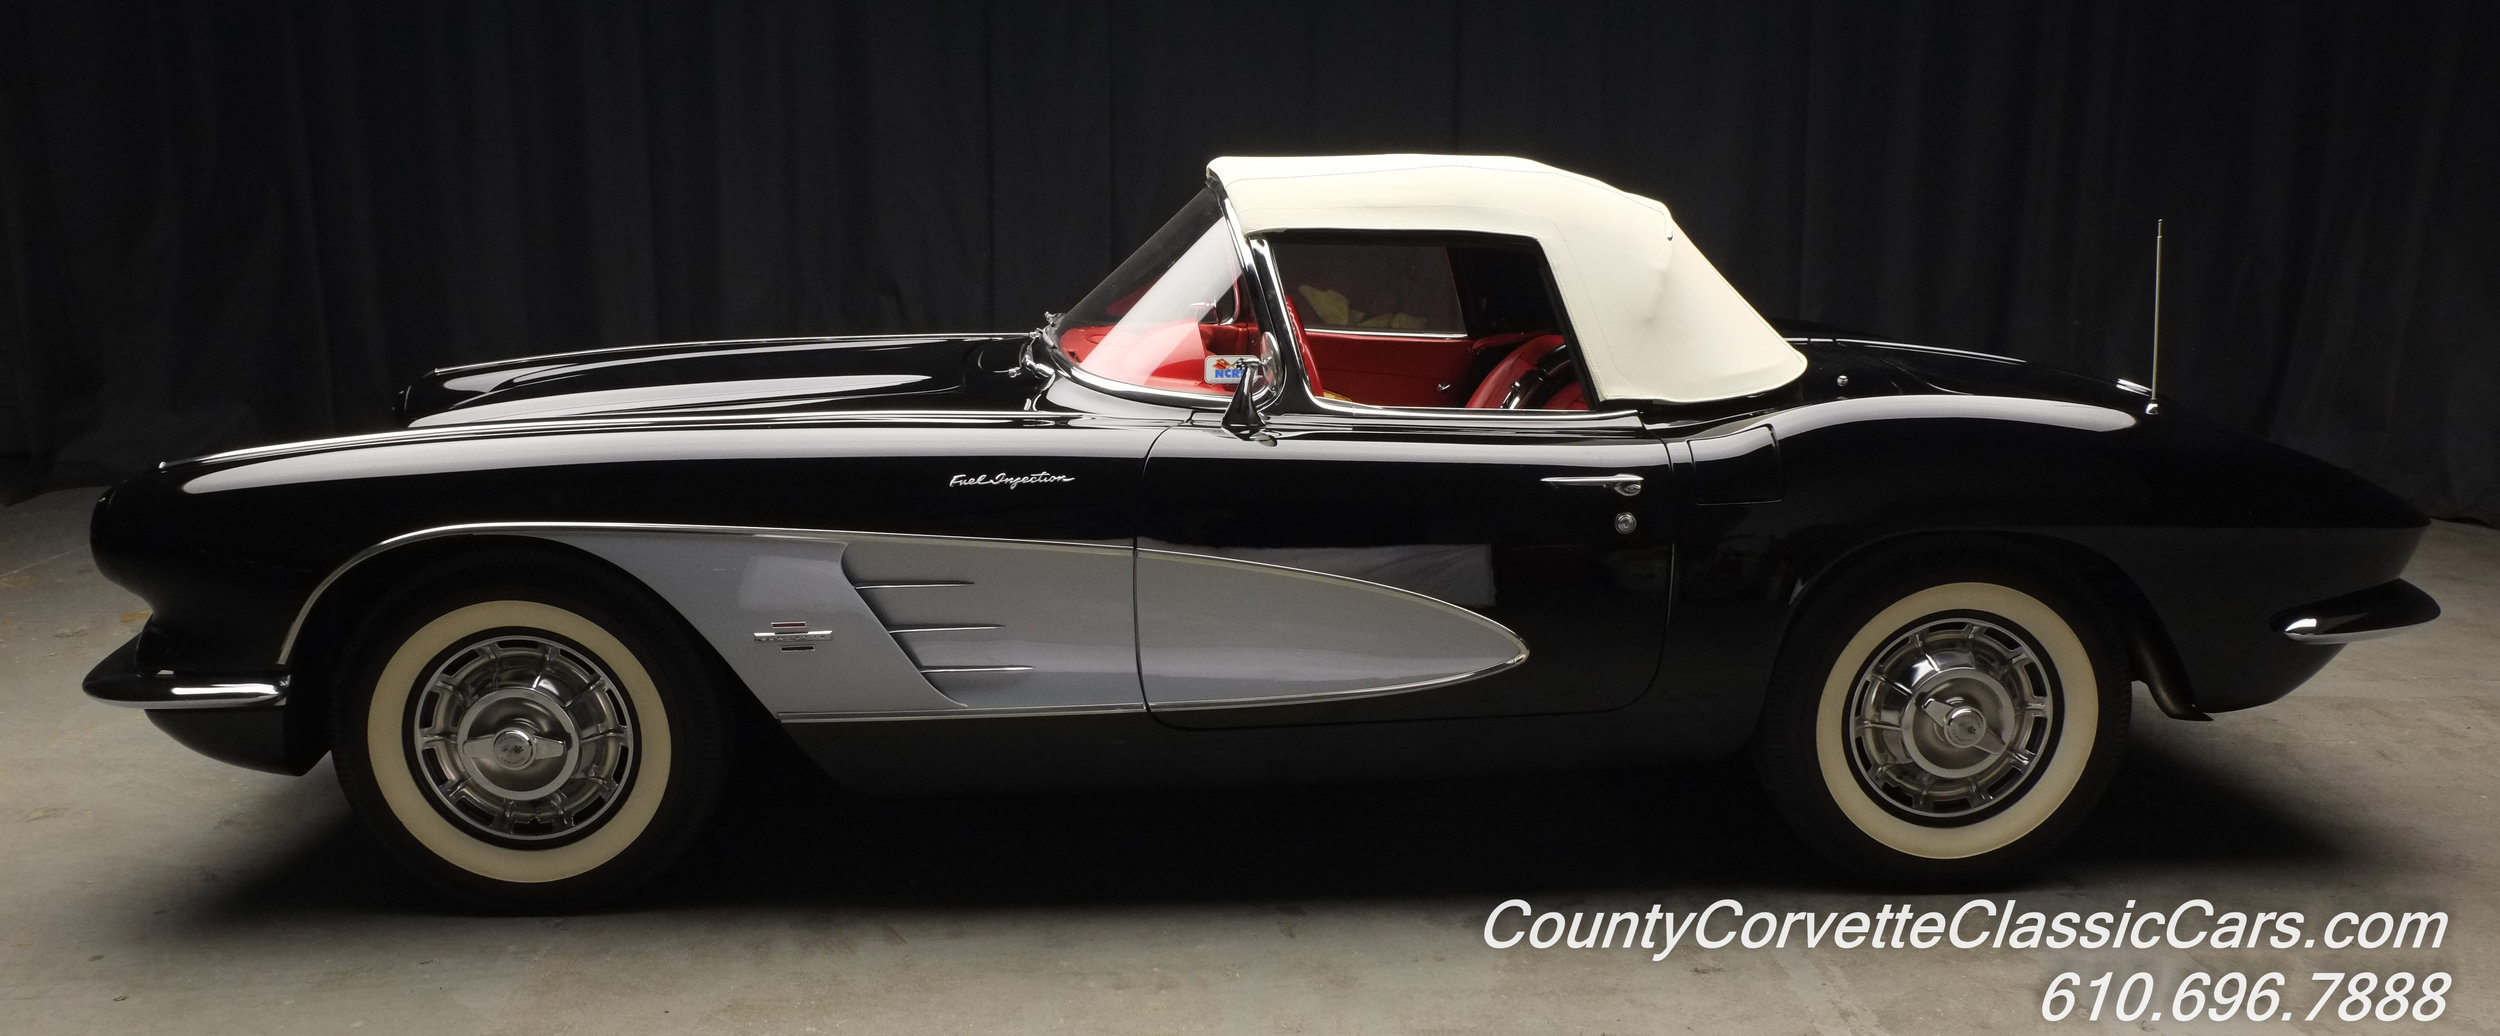 1961 Chevrolet Corvette Black